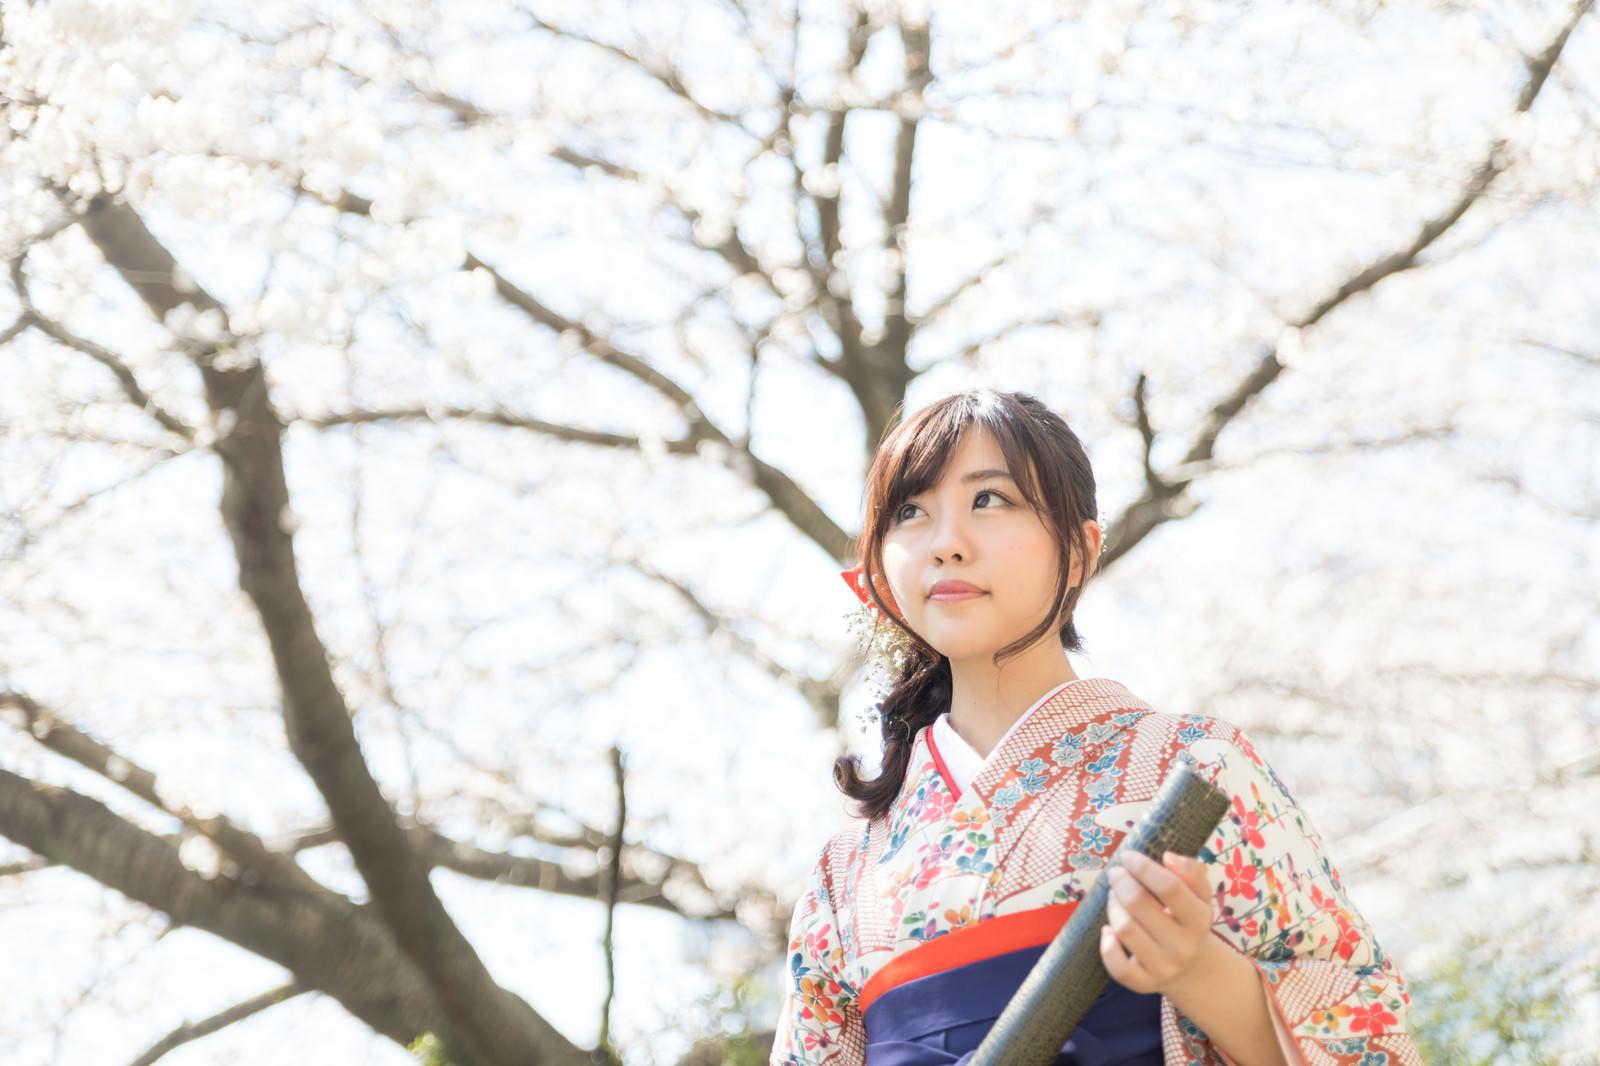 「大きな桜の木の下で卒業の記念撮影」の写真[モデル:河村友歌]